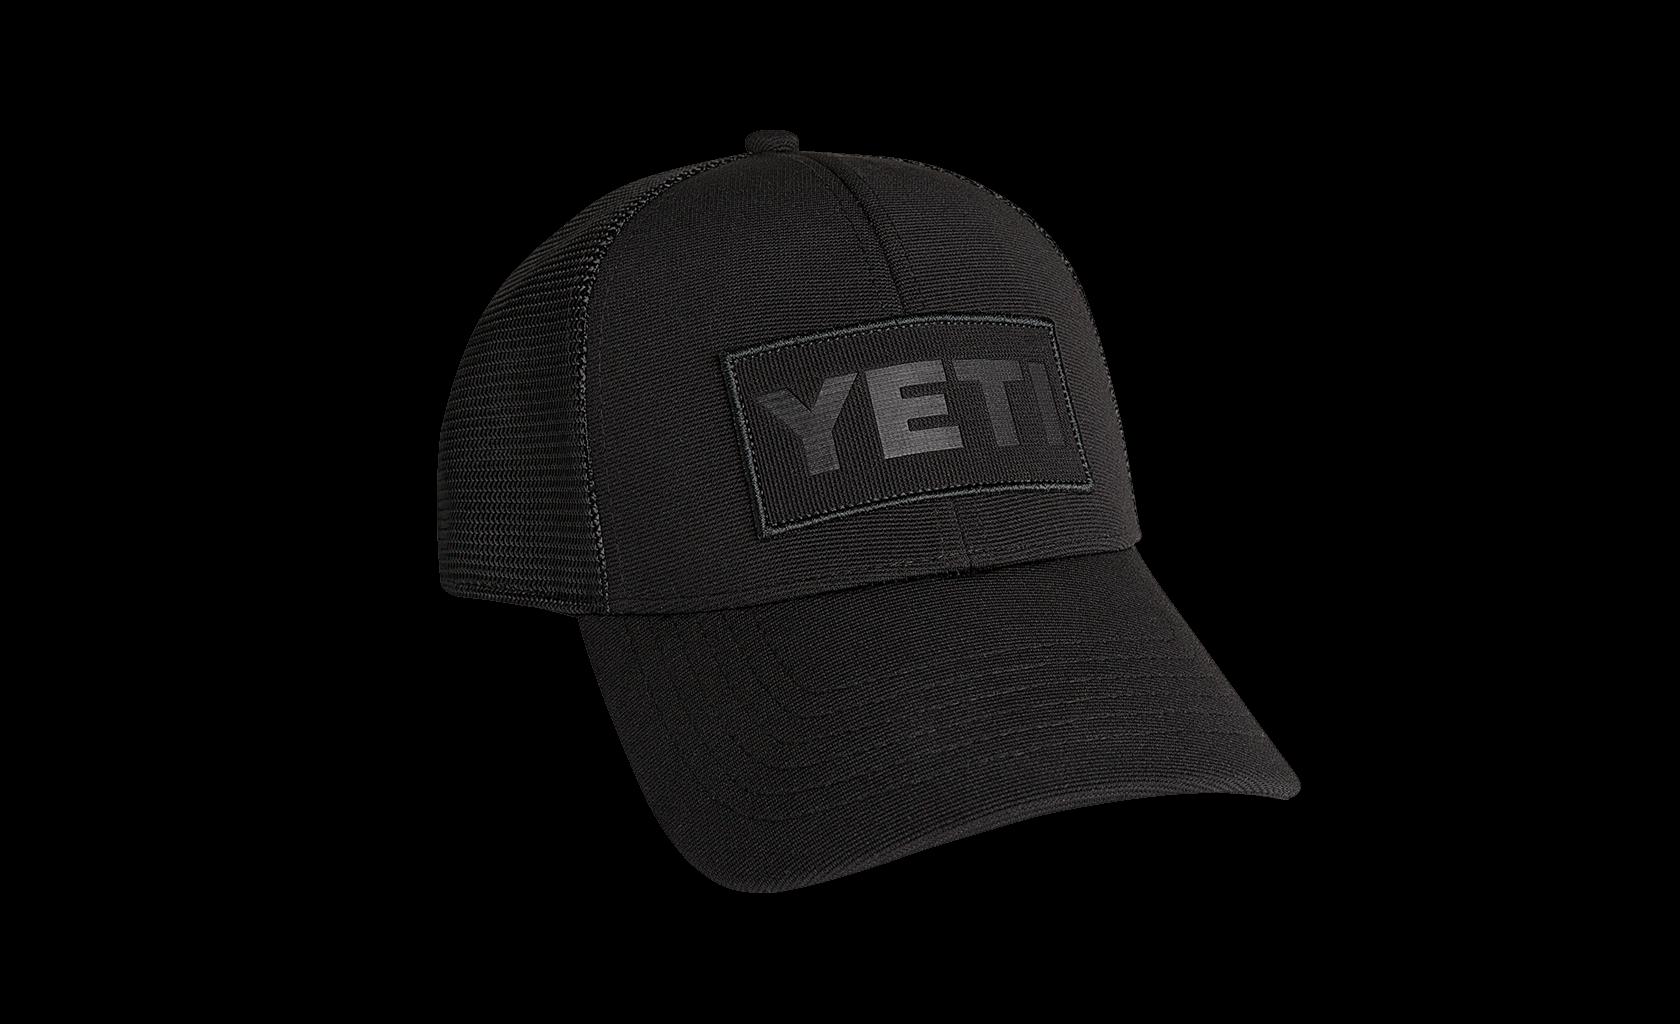 b76af22472408 YETI Patch Trucker Hat